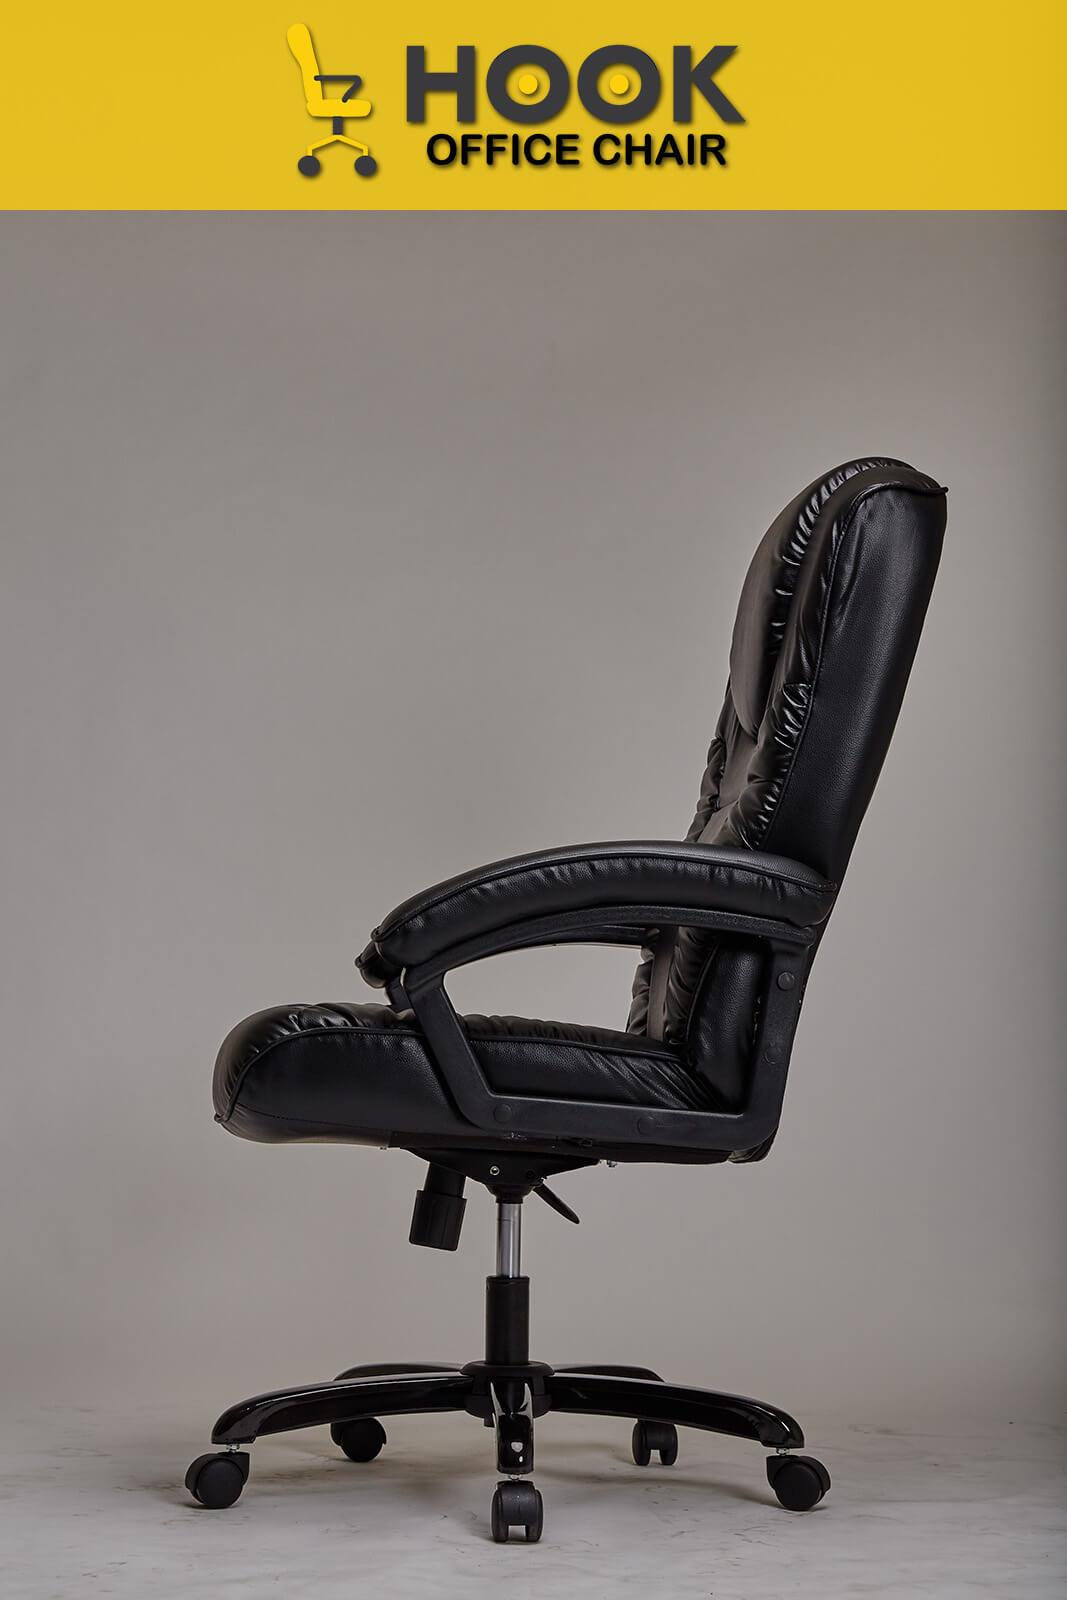 เก้าอี้ผู้บริหาร เก้าอี้สำนักงาน รุ่น H06-004